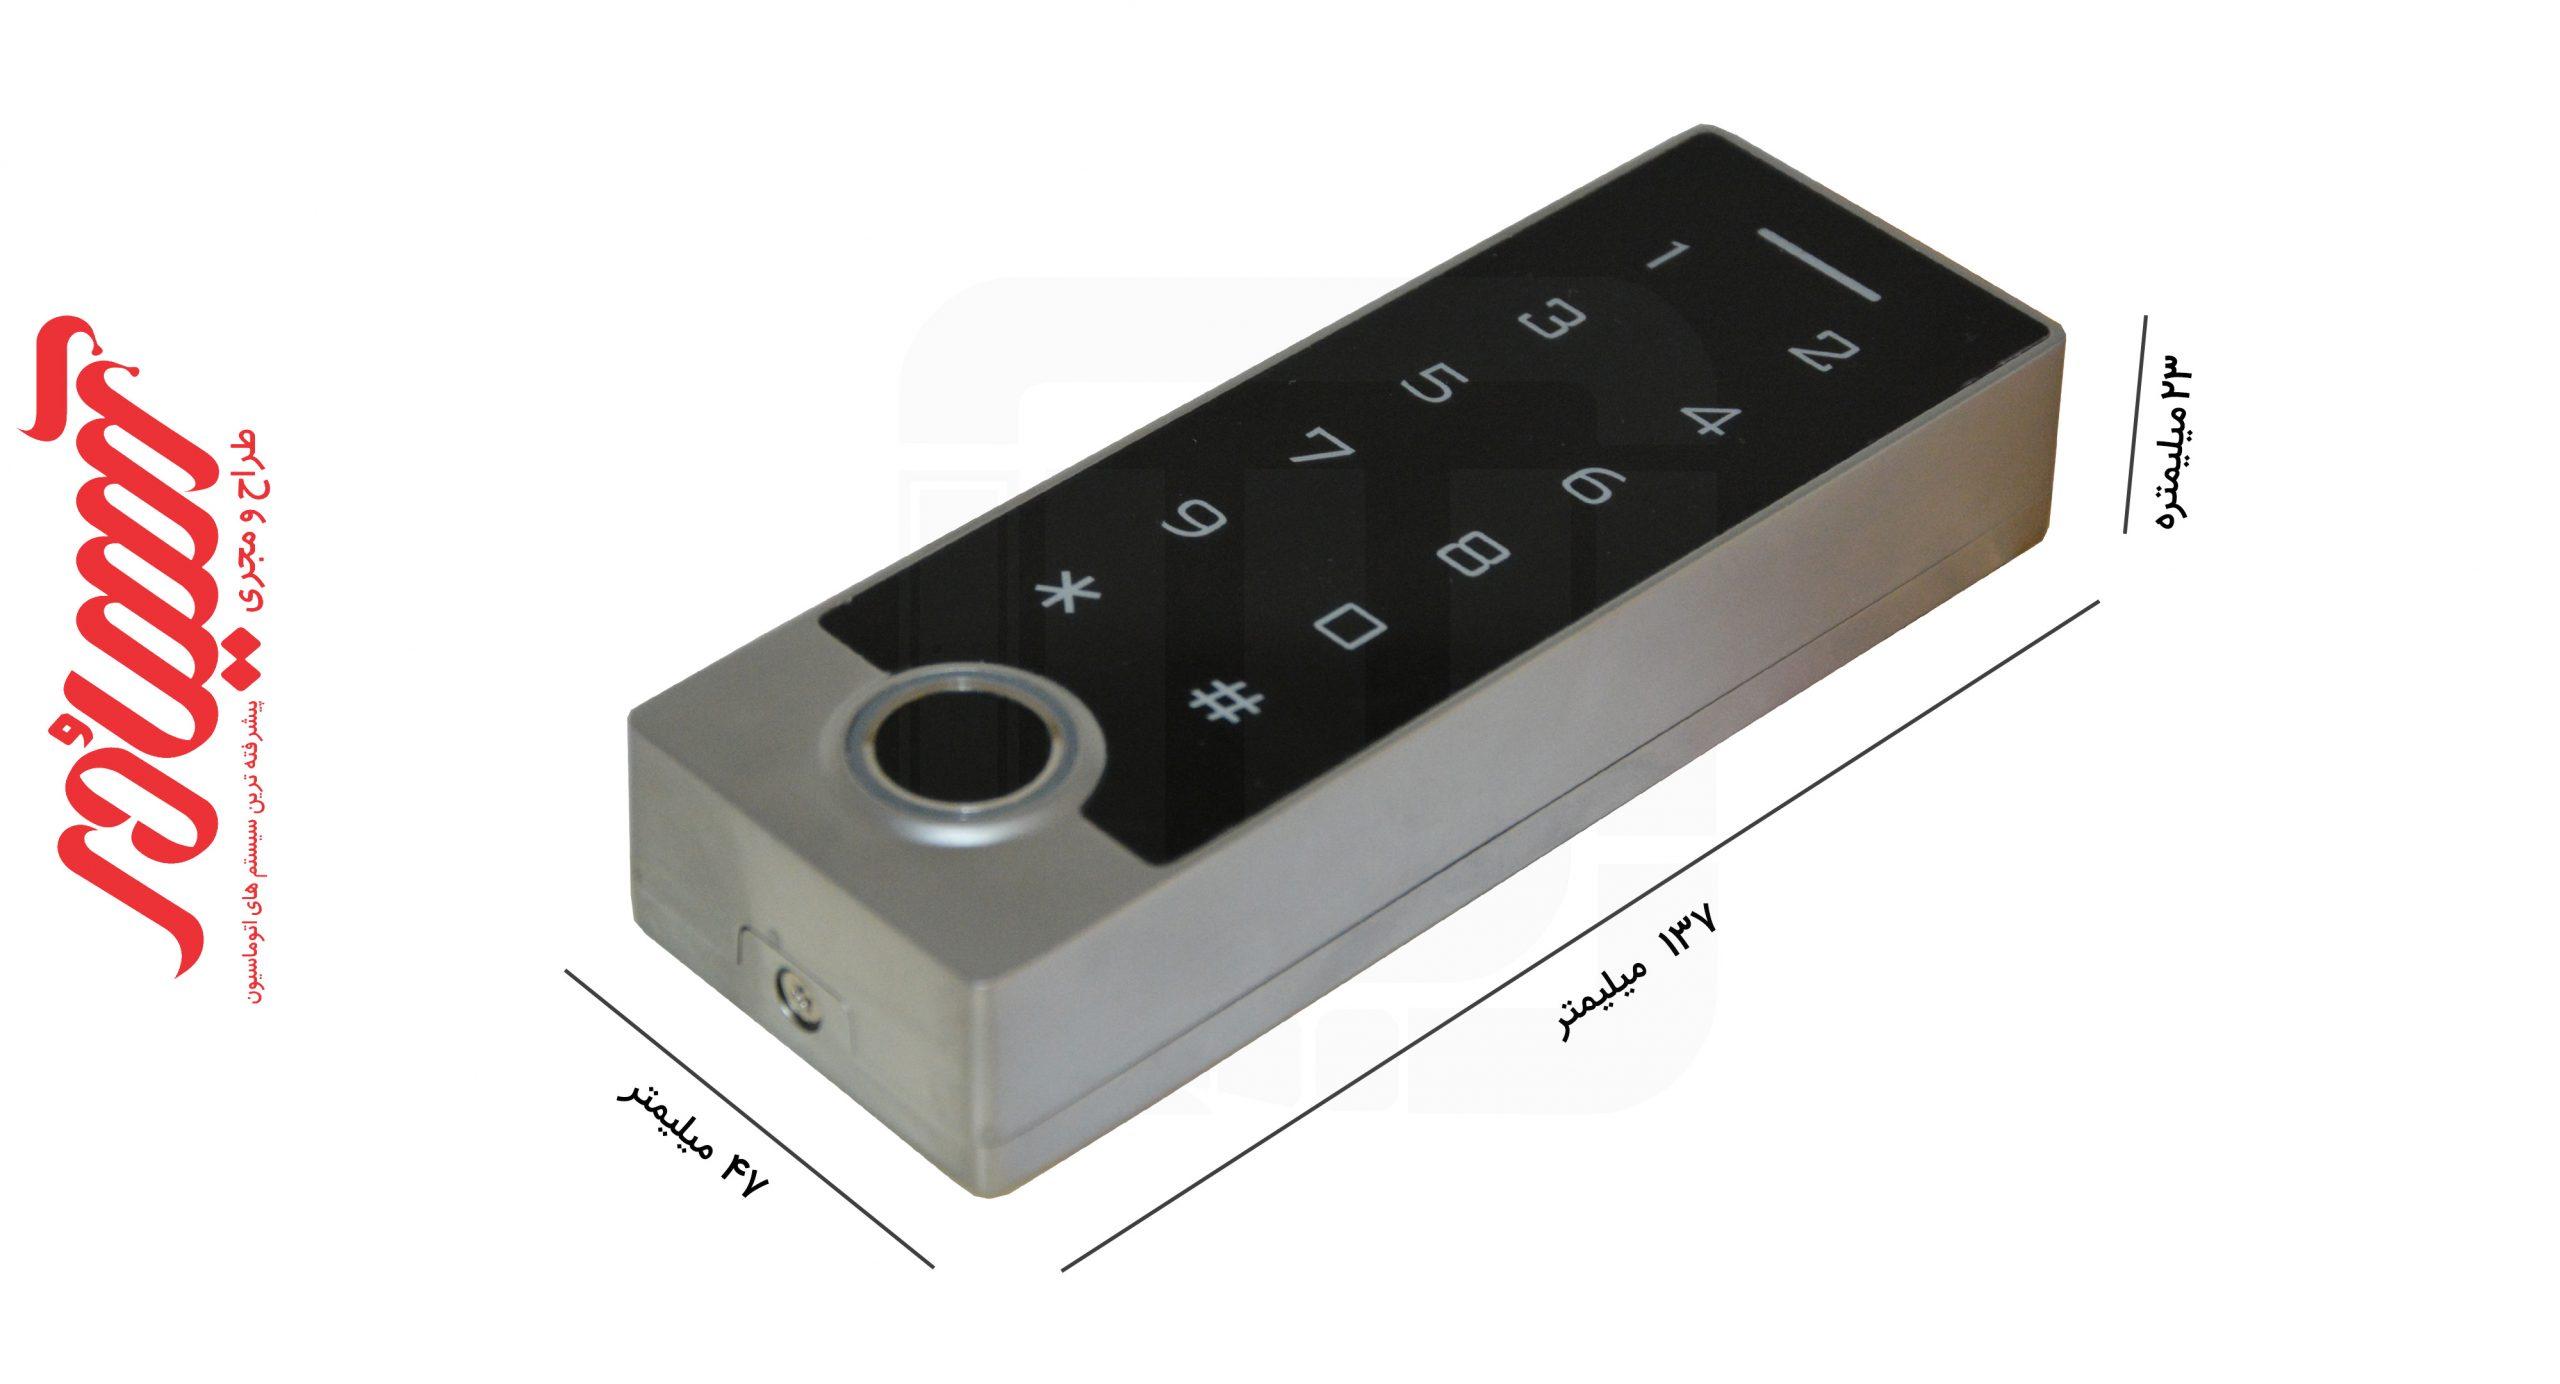 ابعاد دستگاه کنترل تردد اچ ام تی HMT FK13